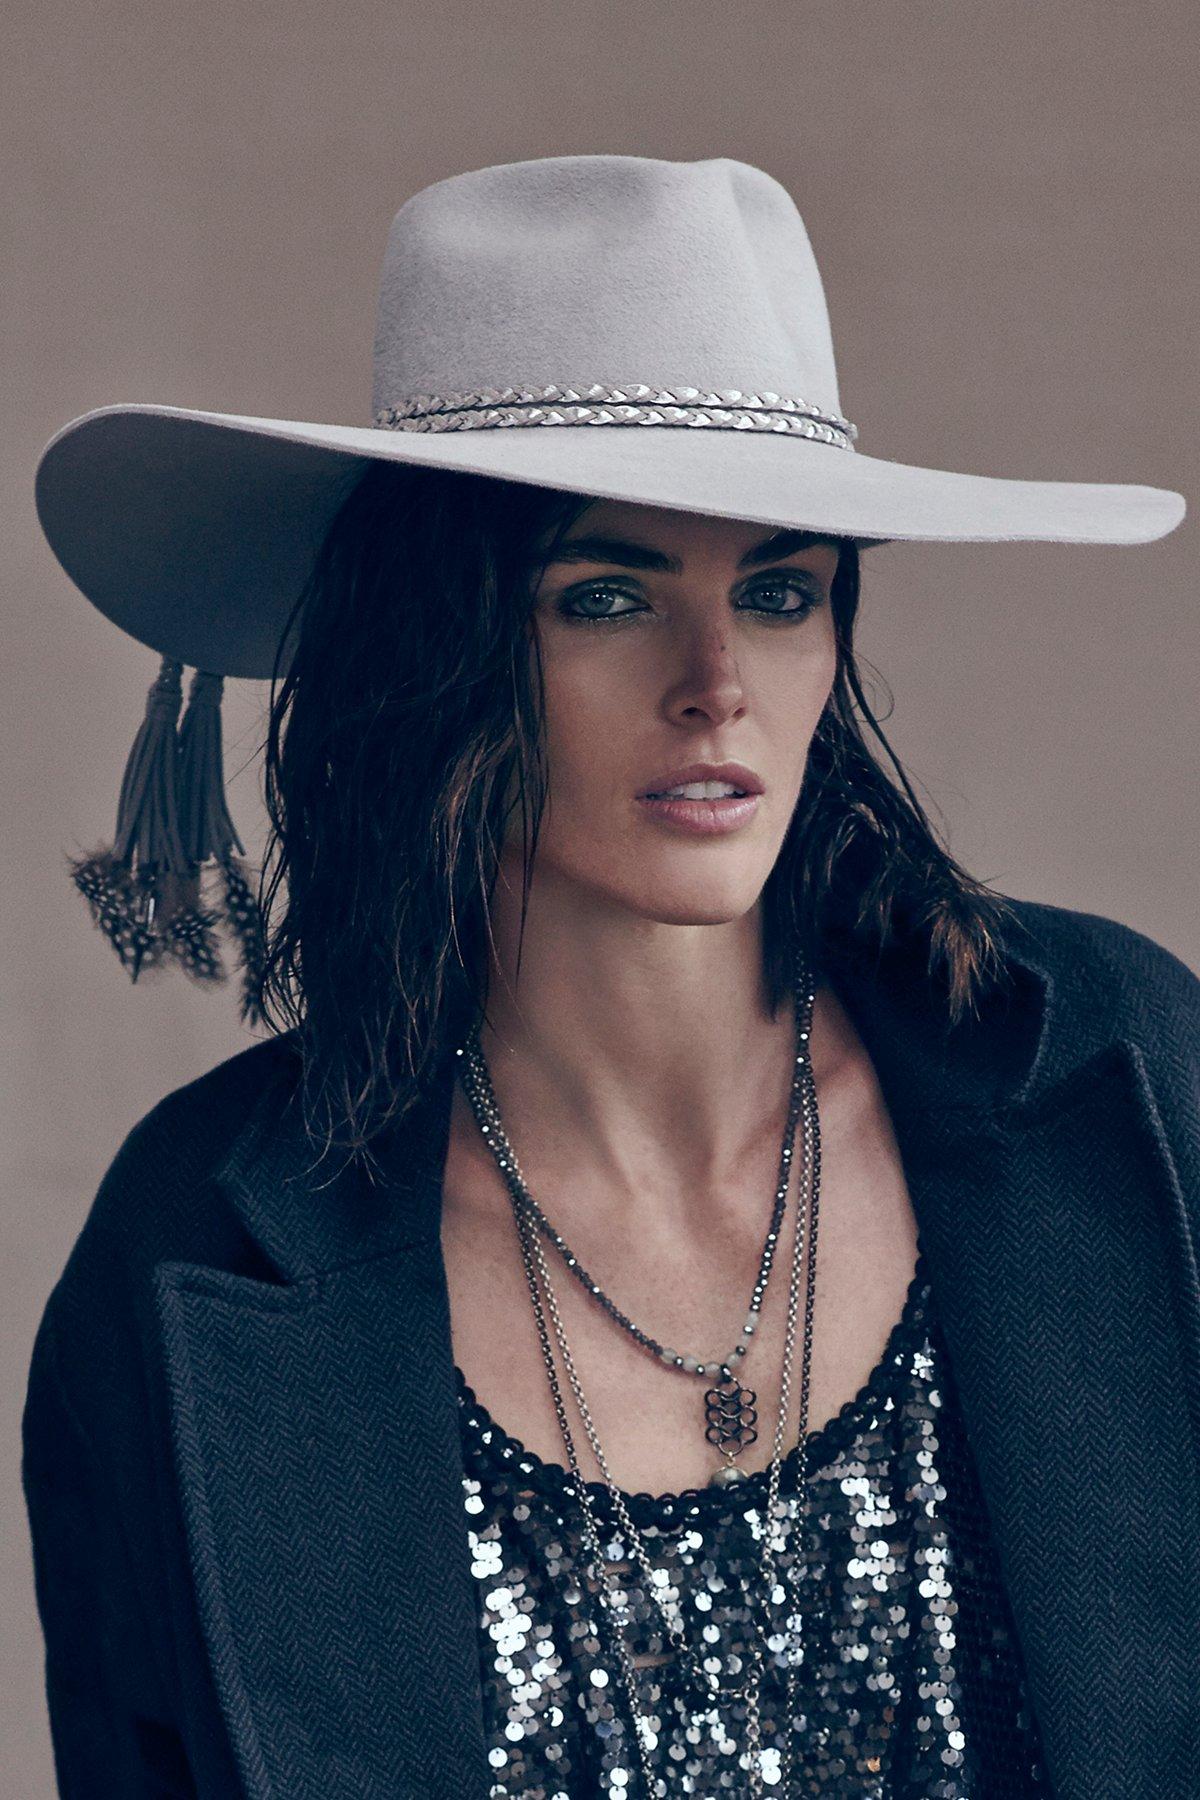 The Pallenburg Hat